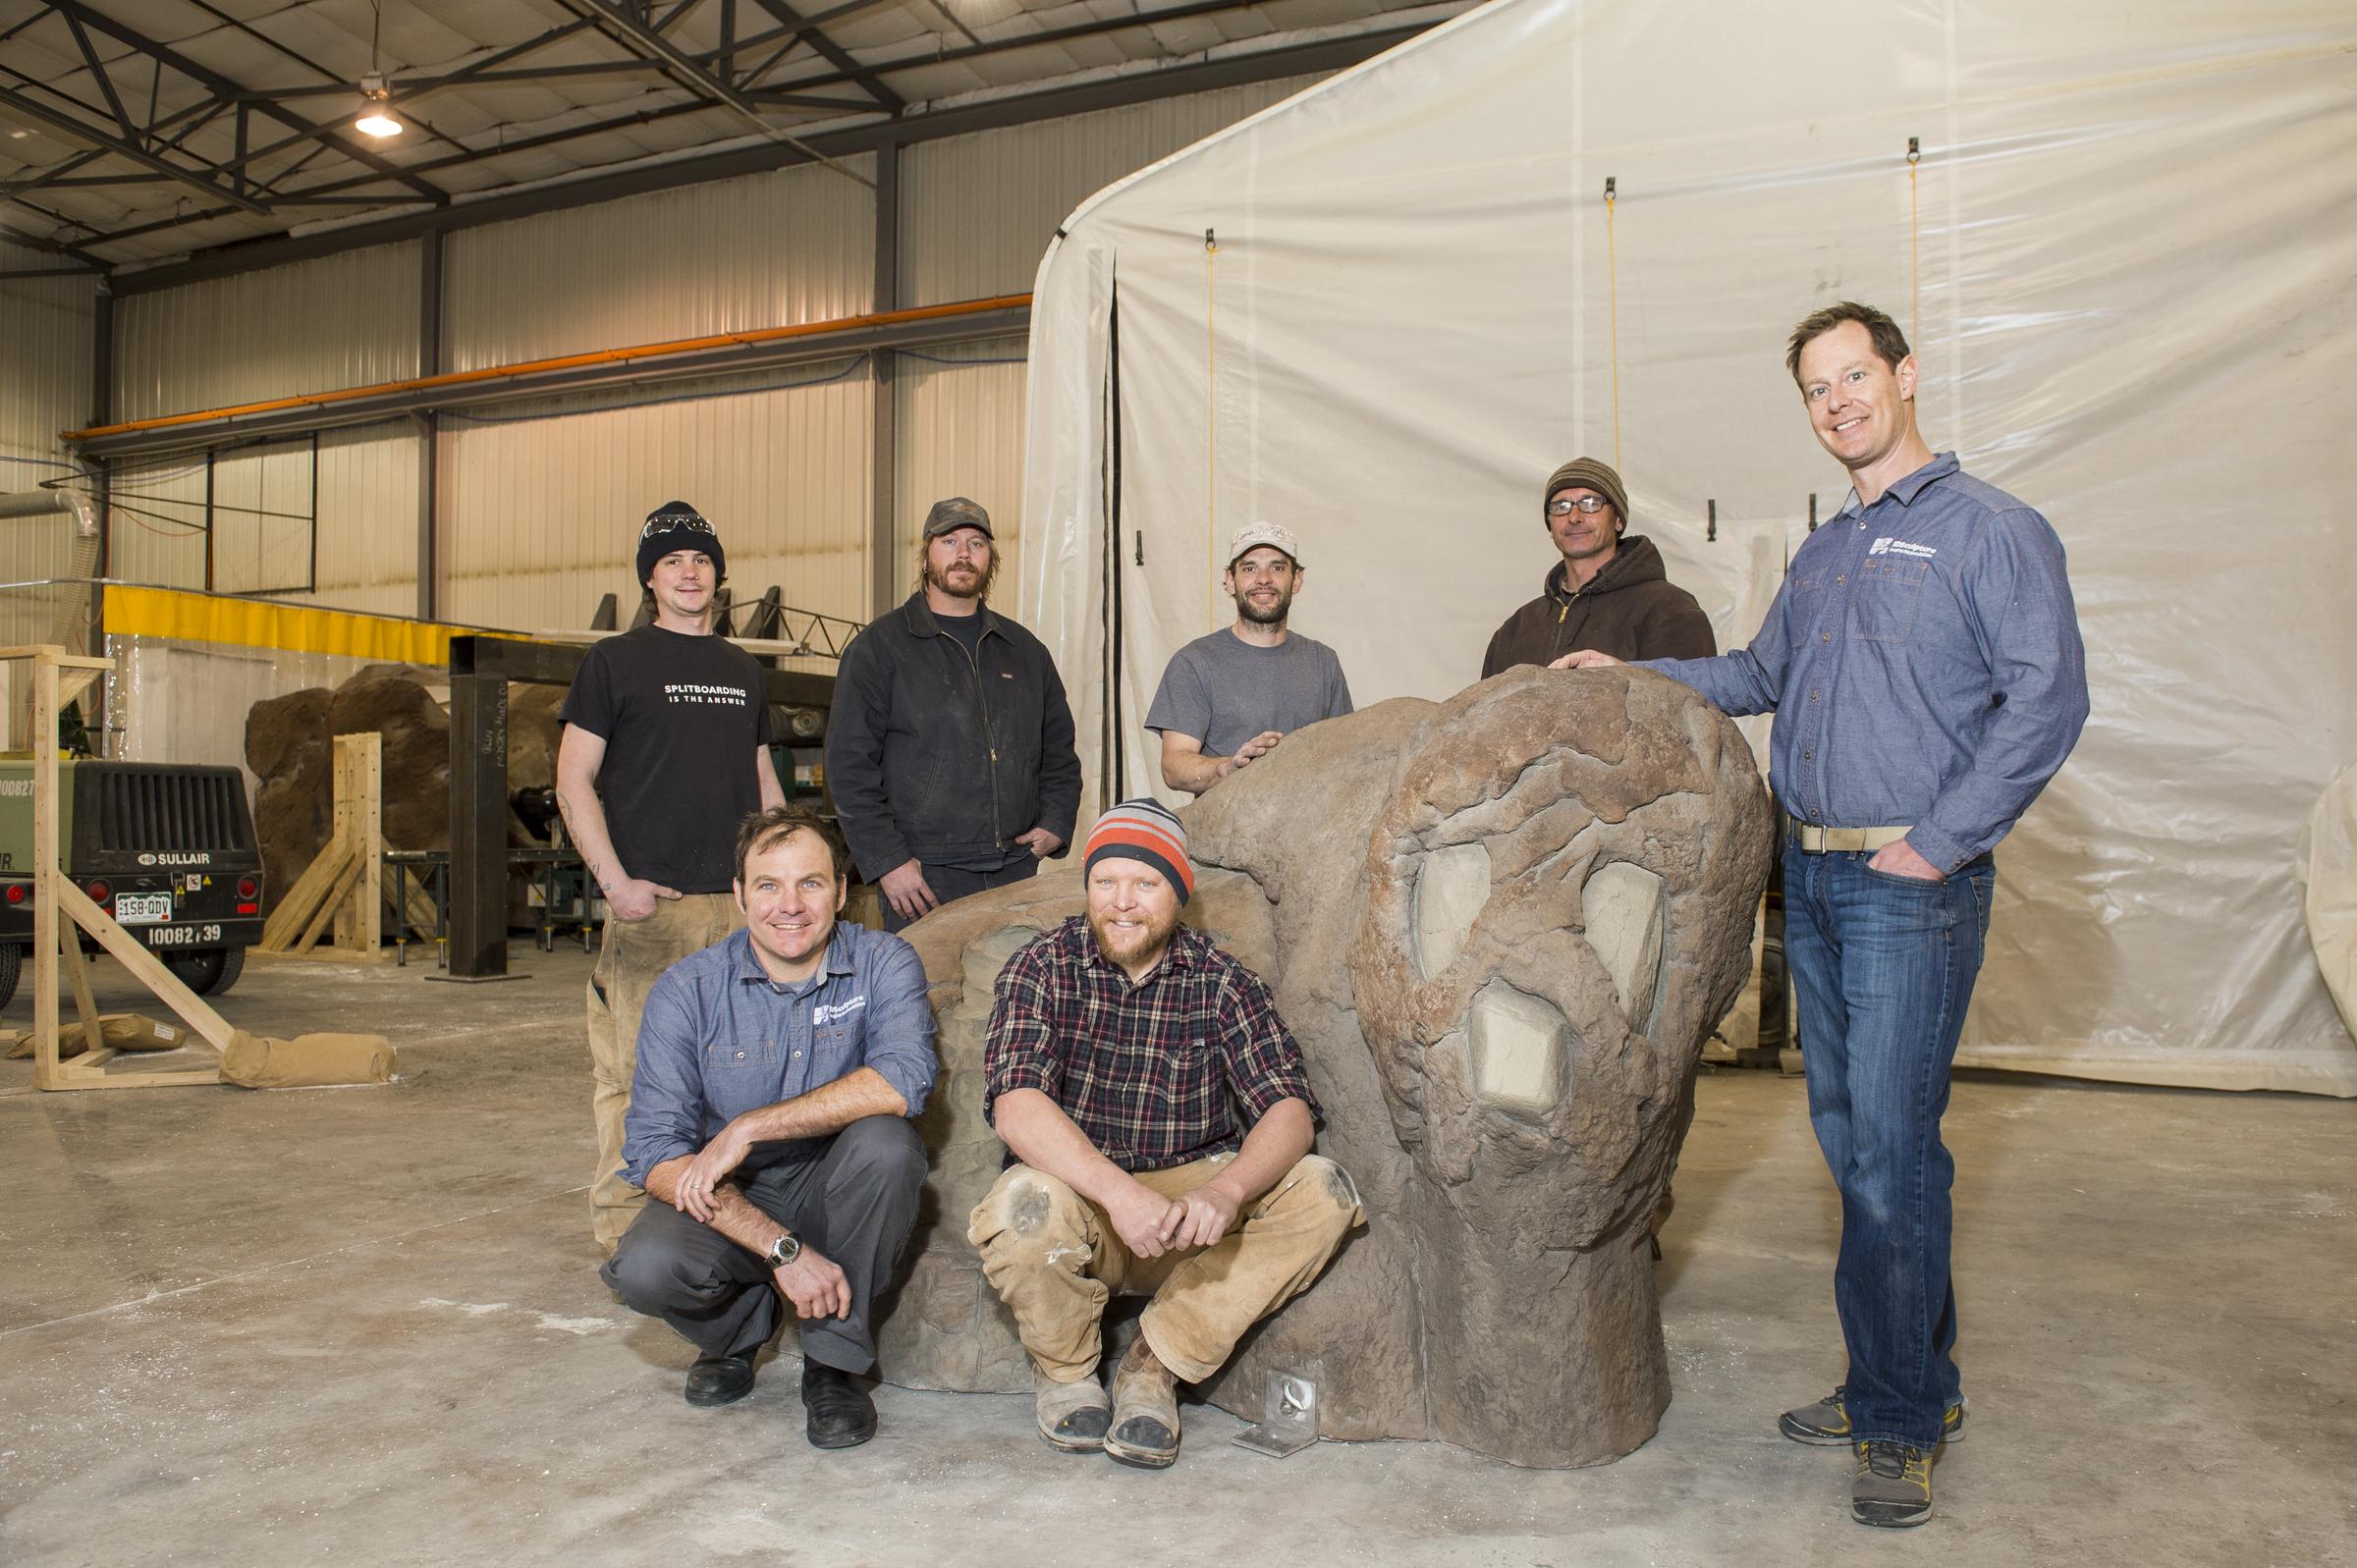 The IDSculpture team